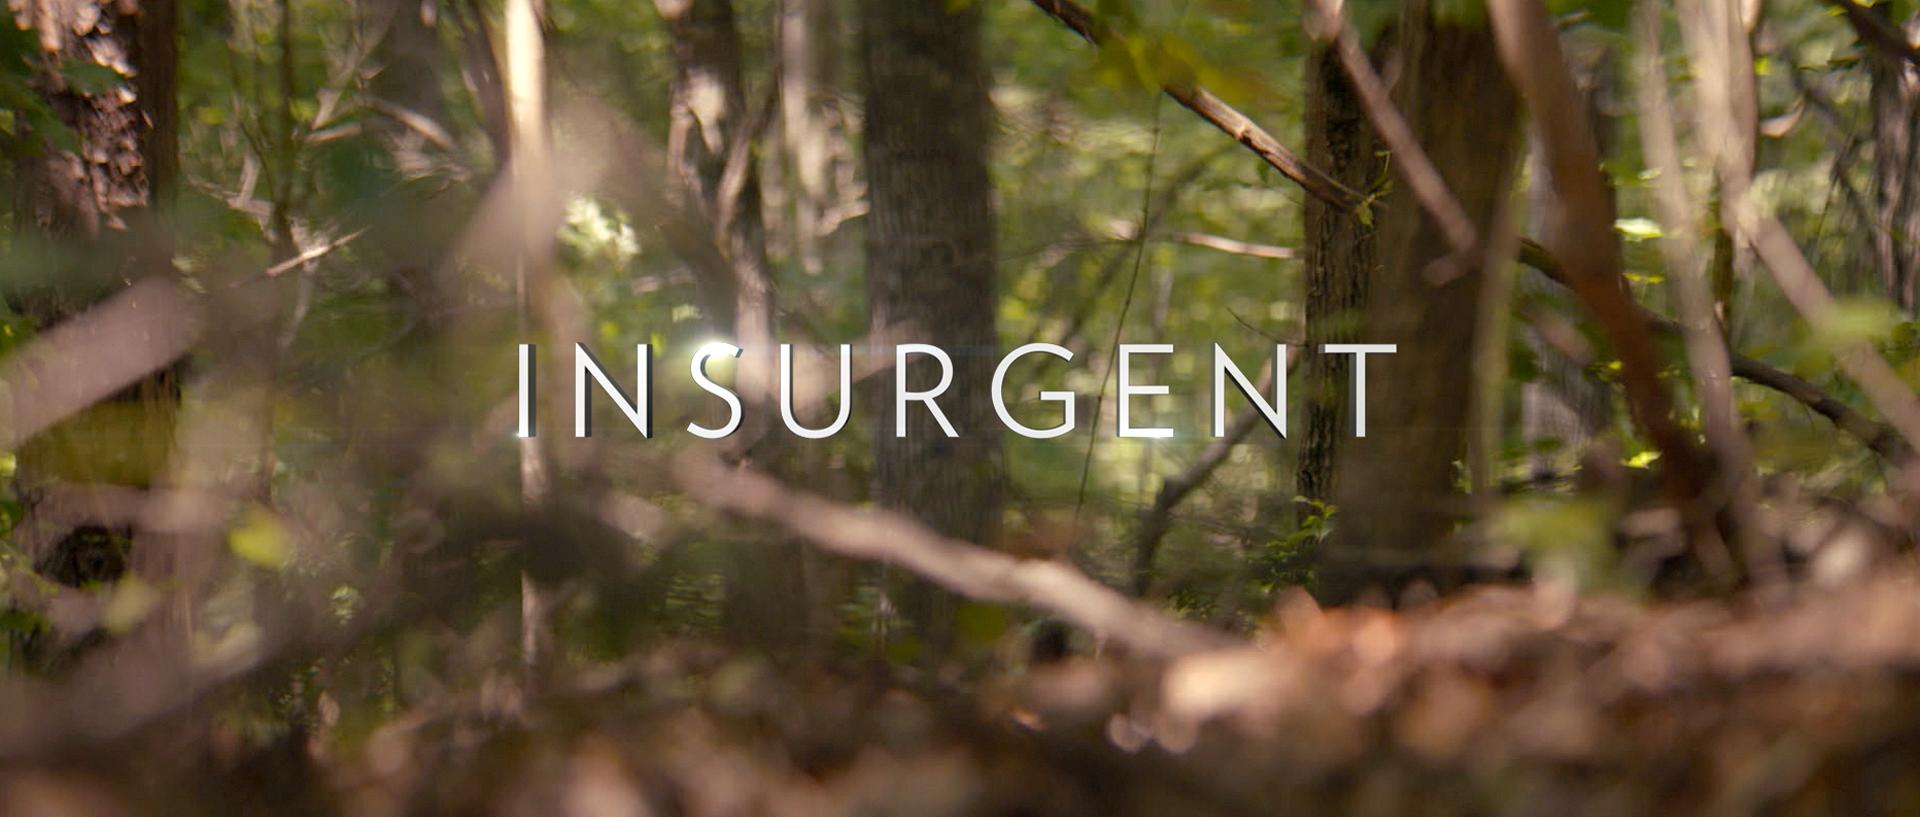 Insurgent_hologram_15.jpg